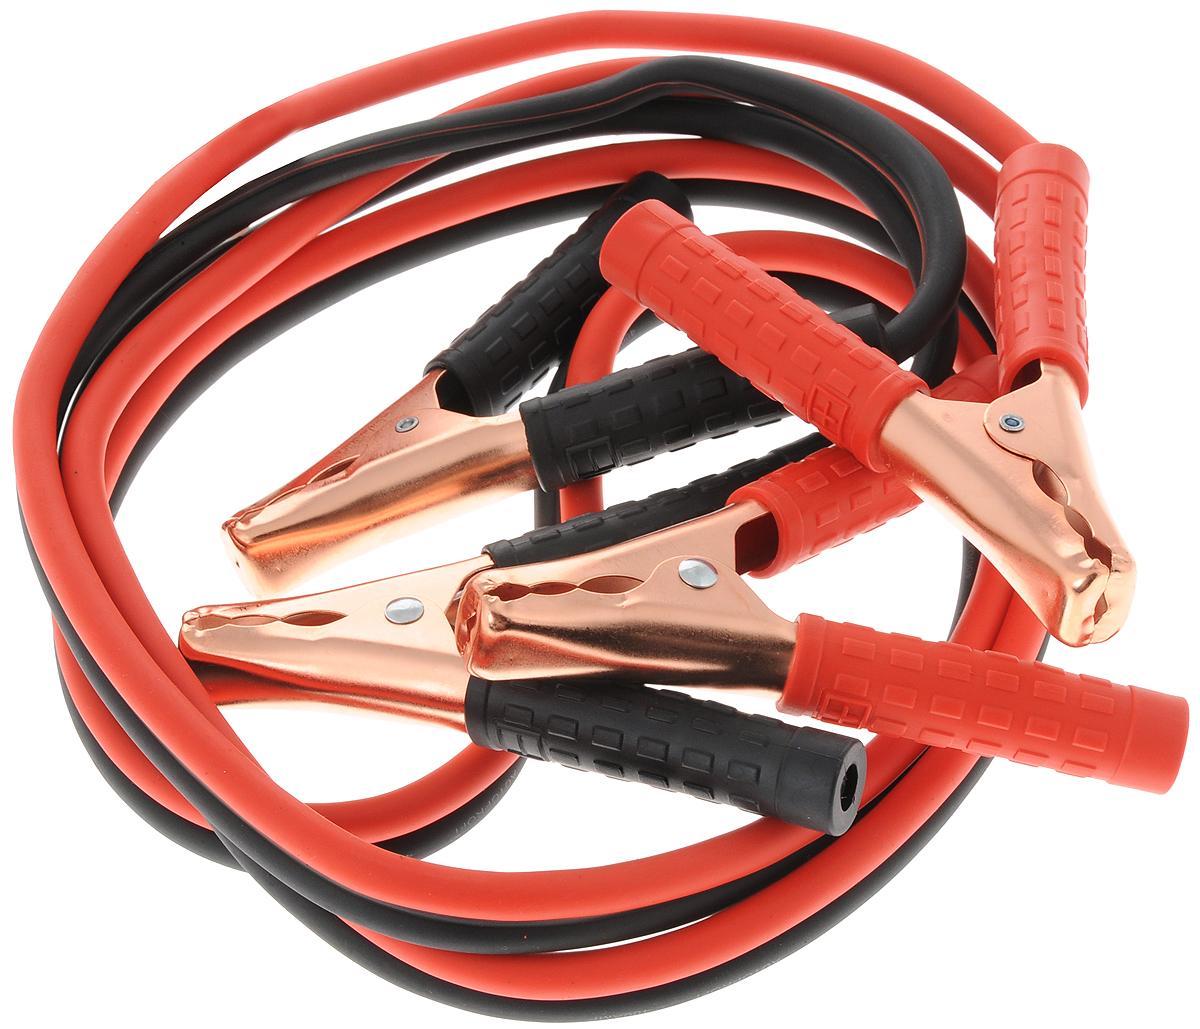 Провода прикуривания Autoprofi Аллигатор, алюминиевые, морозостойкие, 400 А, 2,5 м autoprofi провода пусковые autoprofi сверхвысокие нагрузки 100